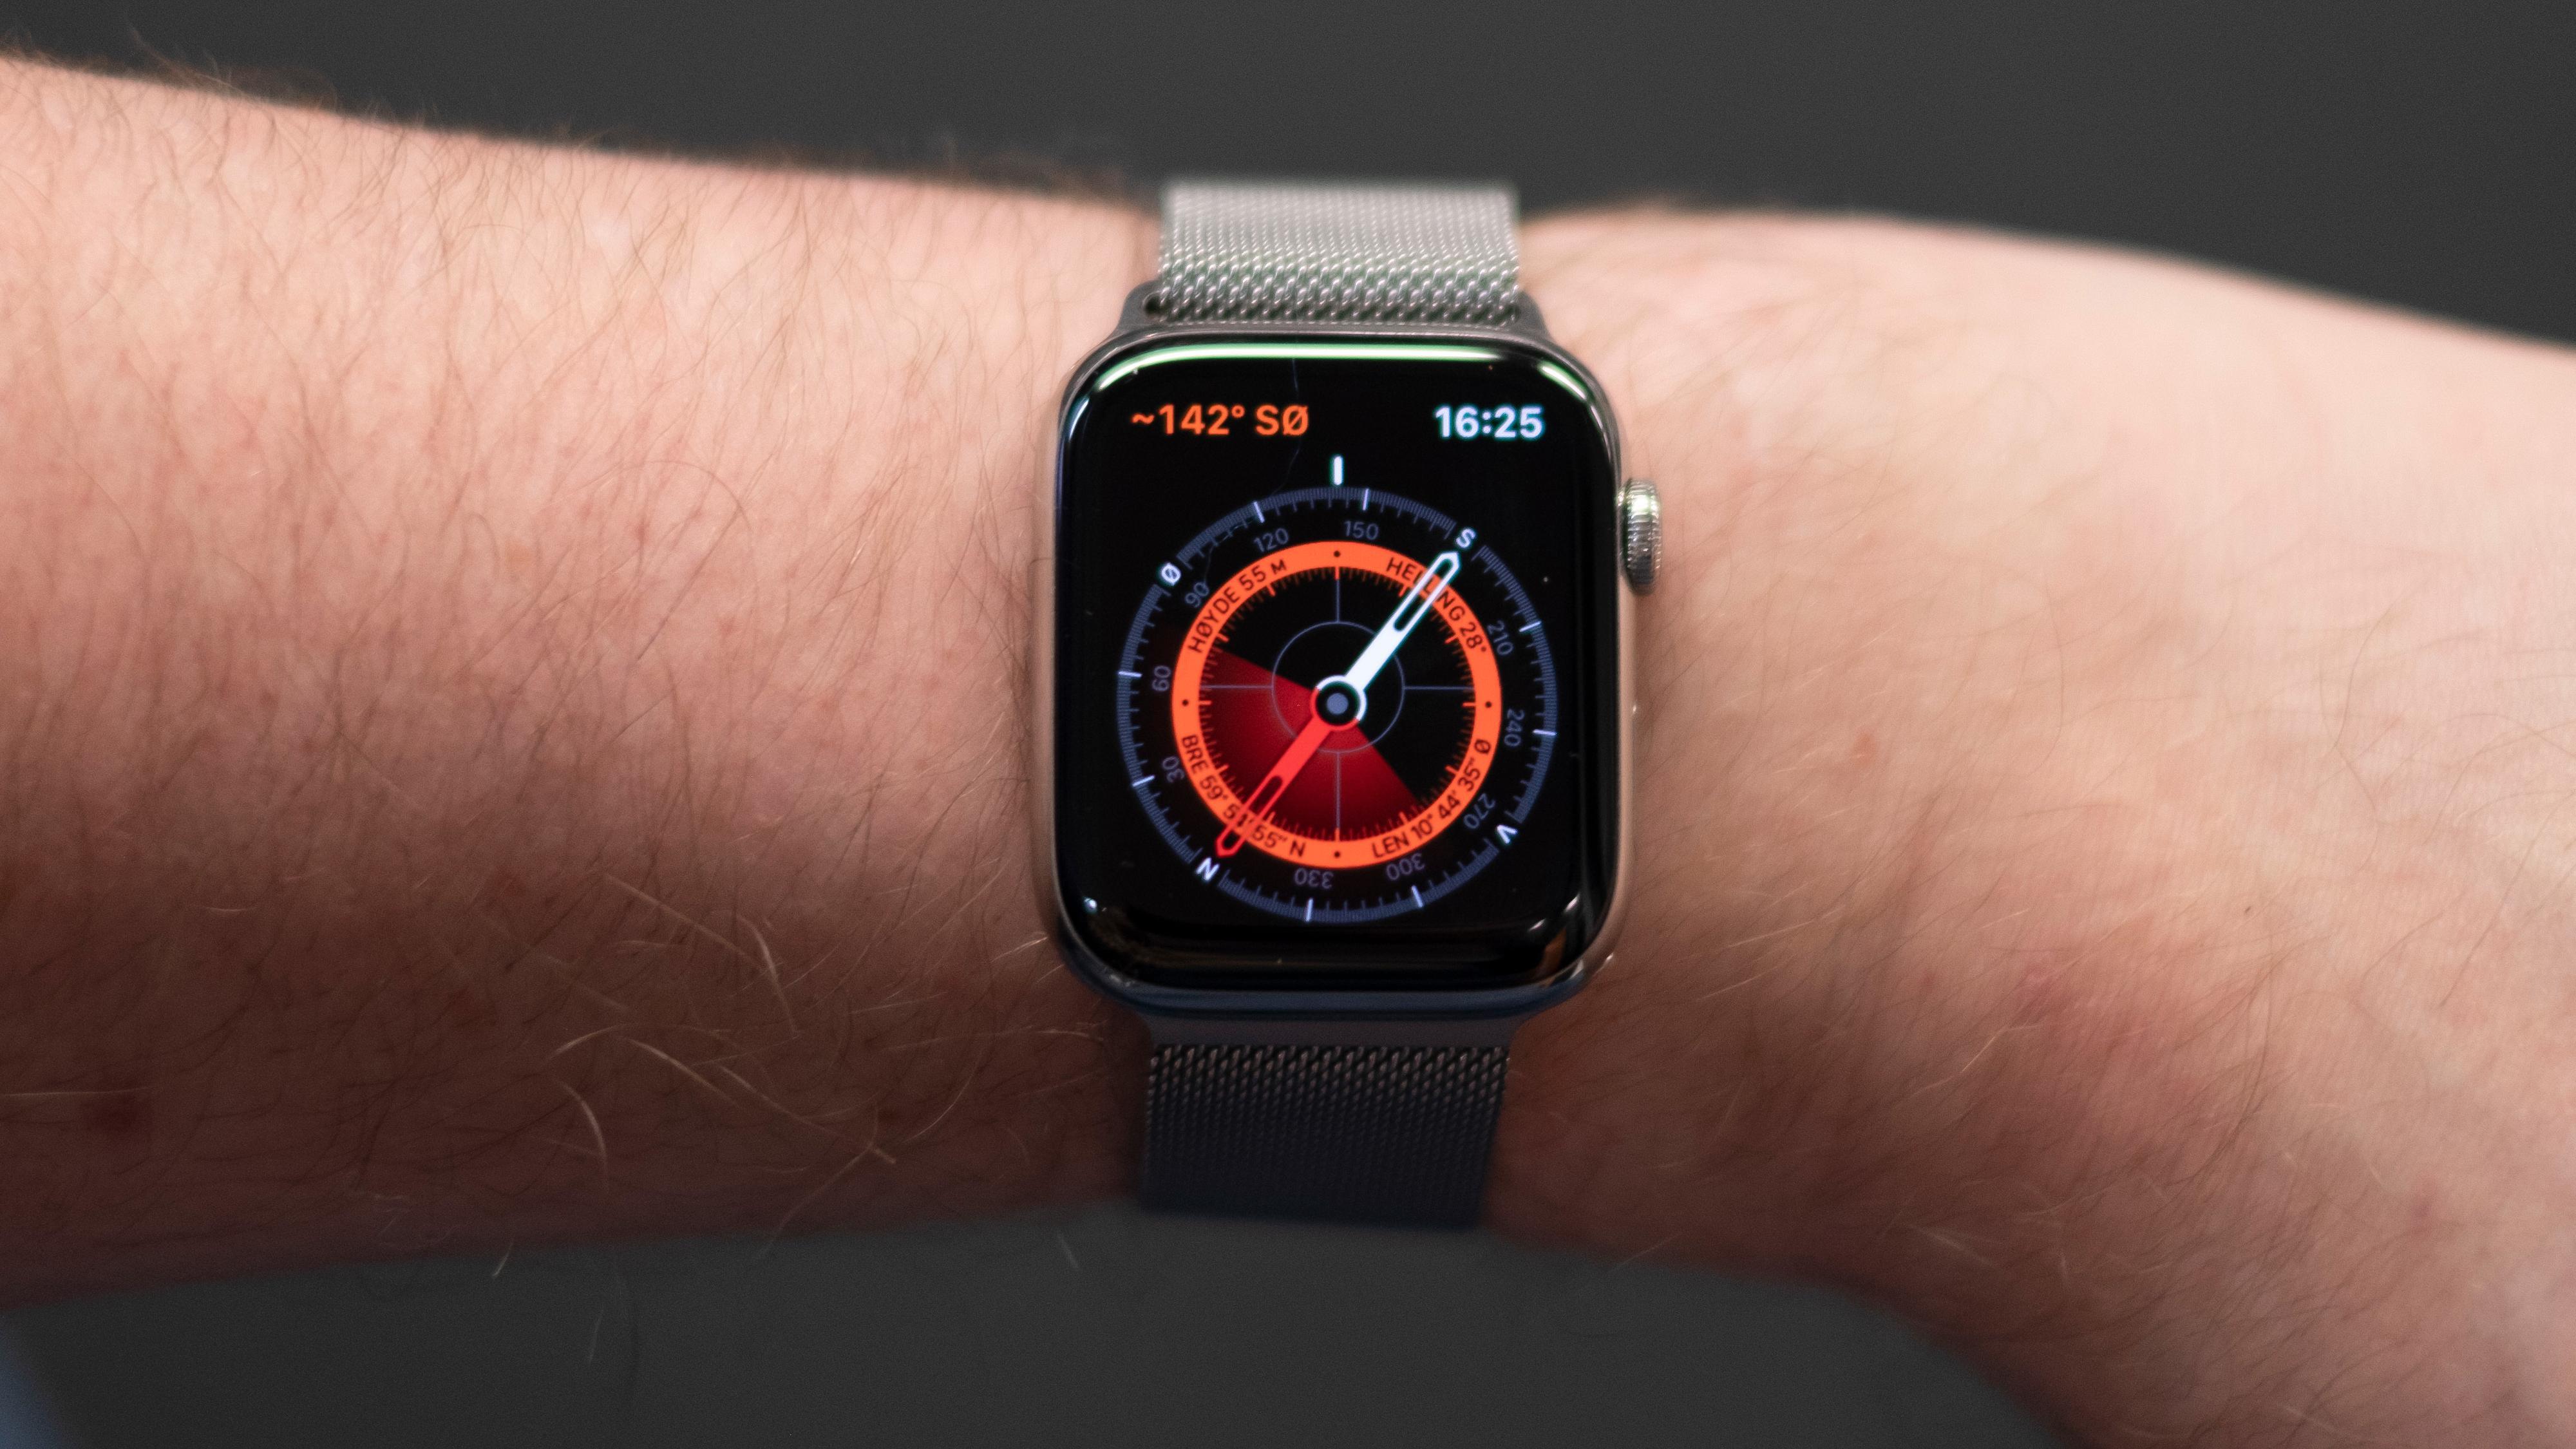 Kompasset kommer inn som en ny sensor i klokken, som før bare har hatt akselerometer og gyro. Det betyr at en rekke apper som er avhengig av å vite kompassretningen nå vil fungere bedre - så som navigasjonsløsninger.